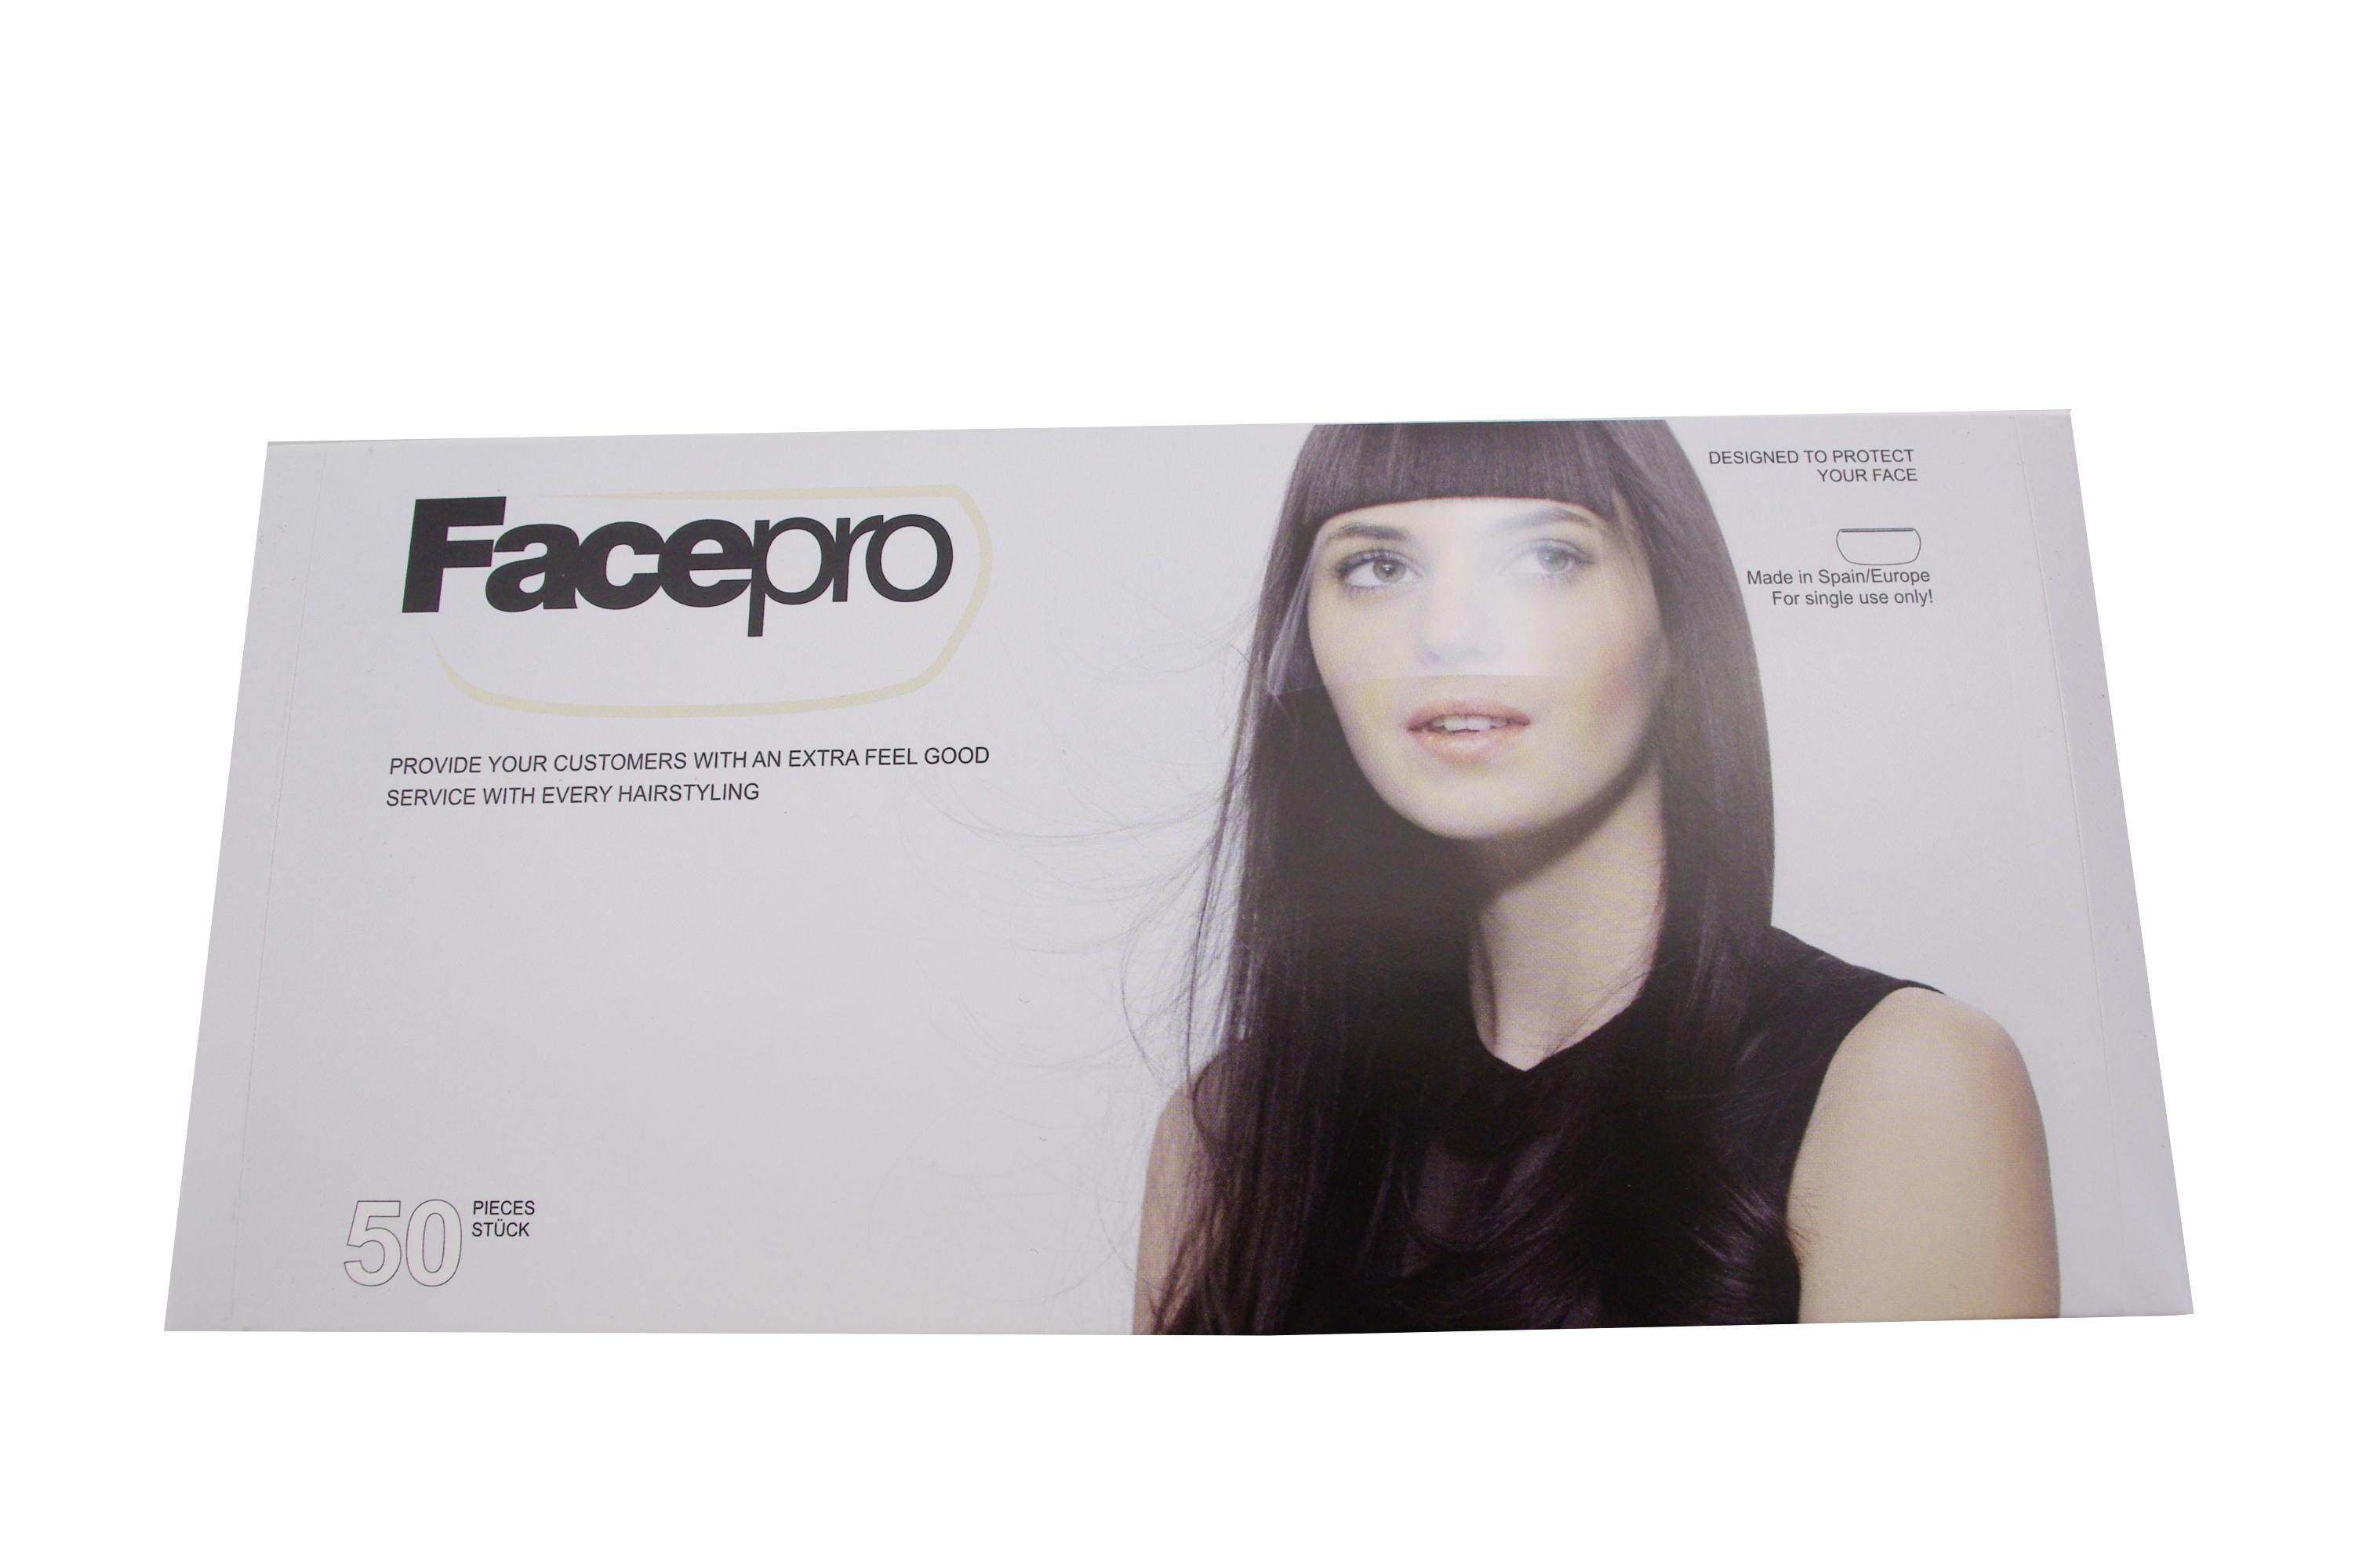 FACEPRO Gesichtsschutz 50 St.